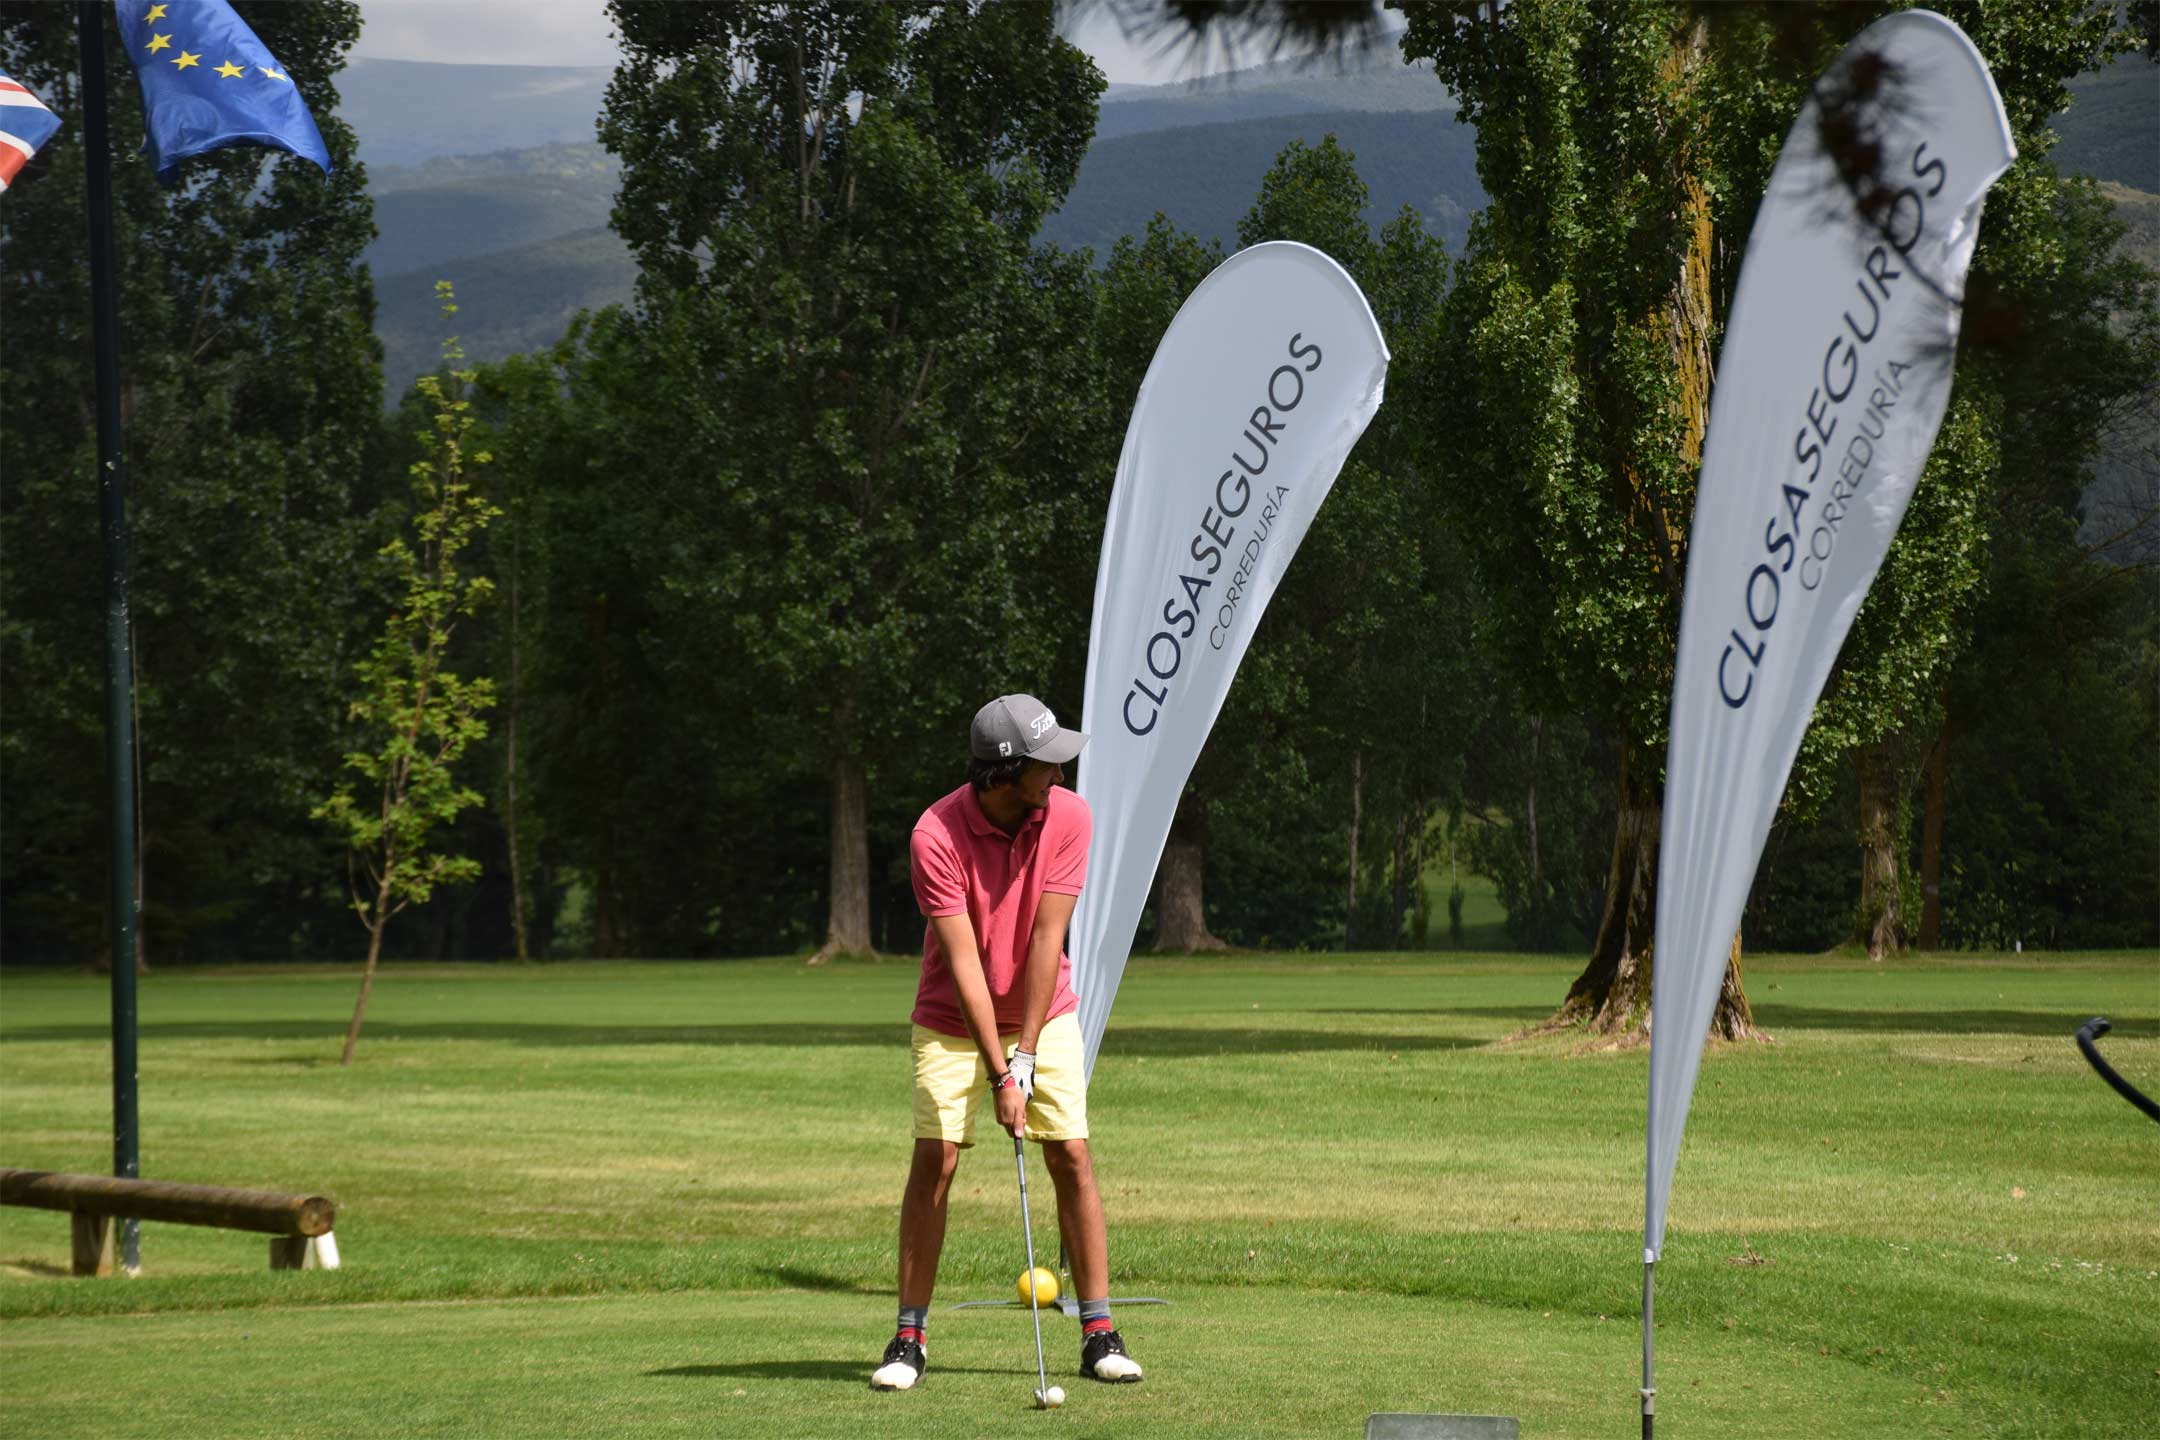 Obsequios torneo de golf cerdanya